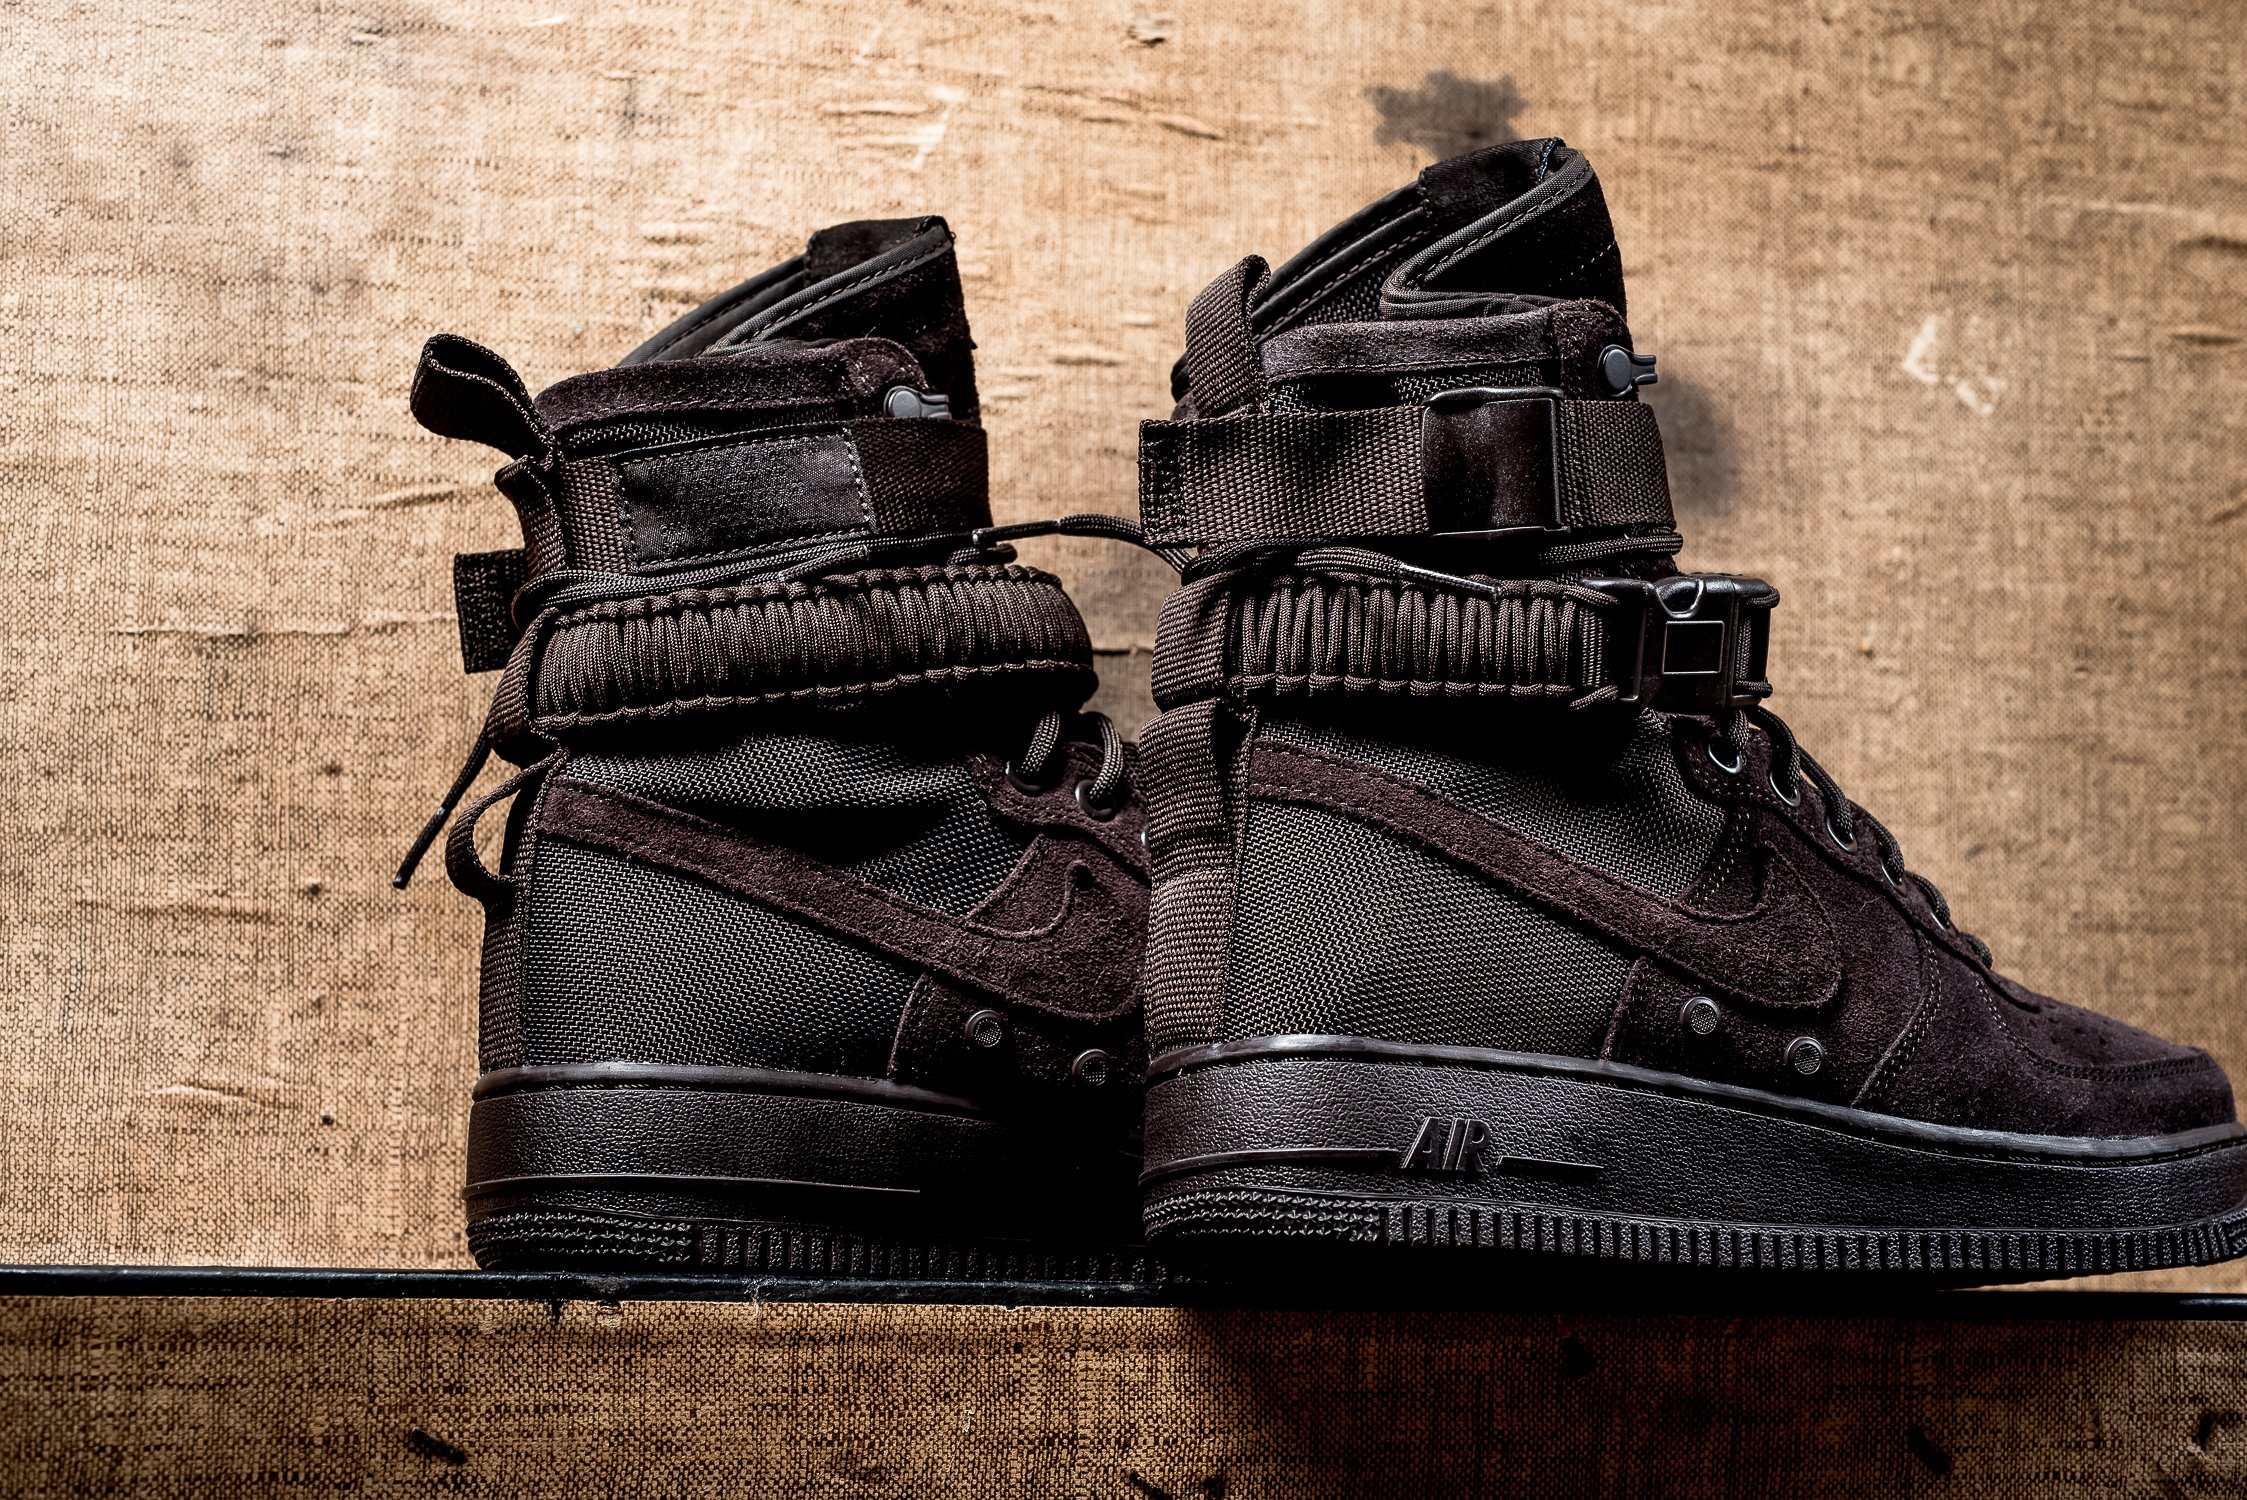 Nike_SF_AF1_brown_maroon_sneaker_politics_hypebeast_11.jpg